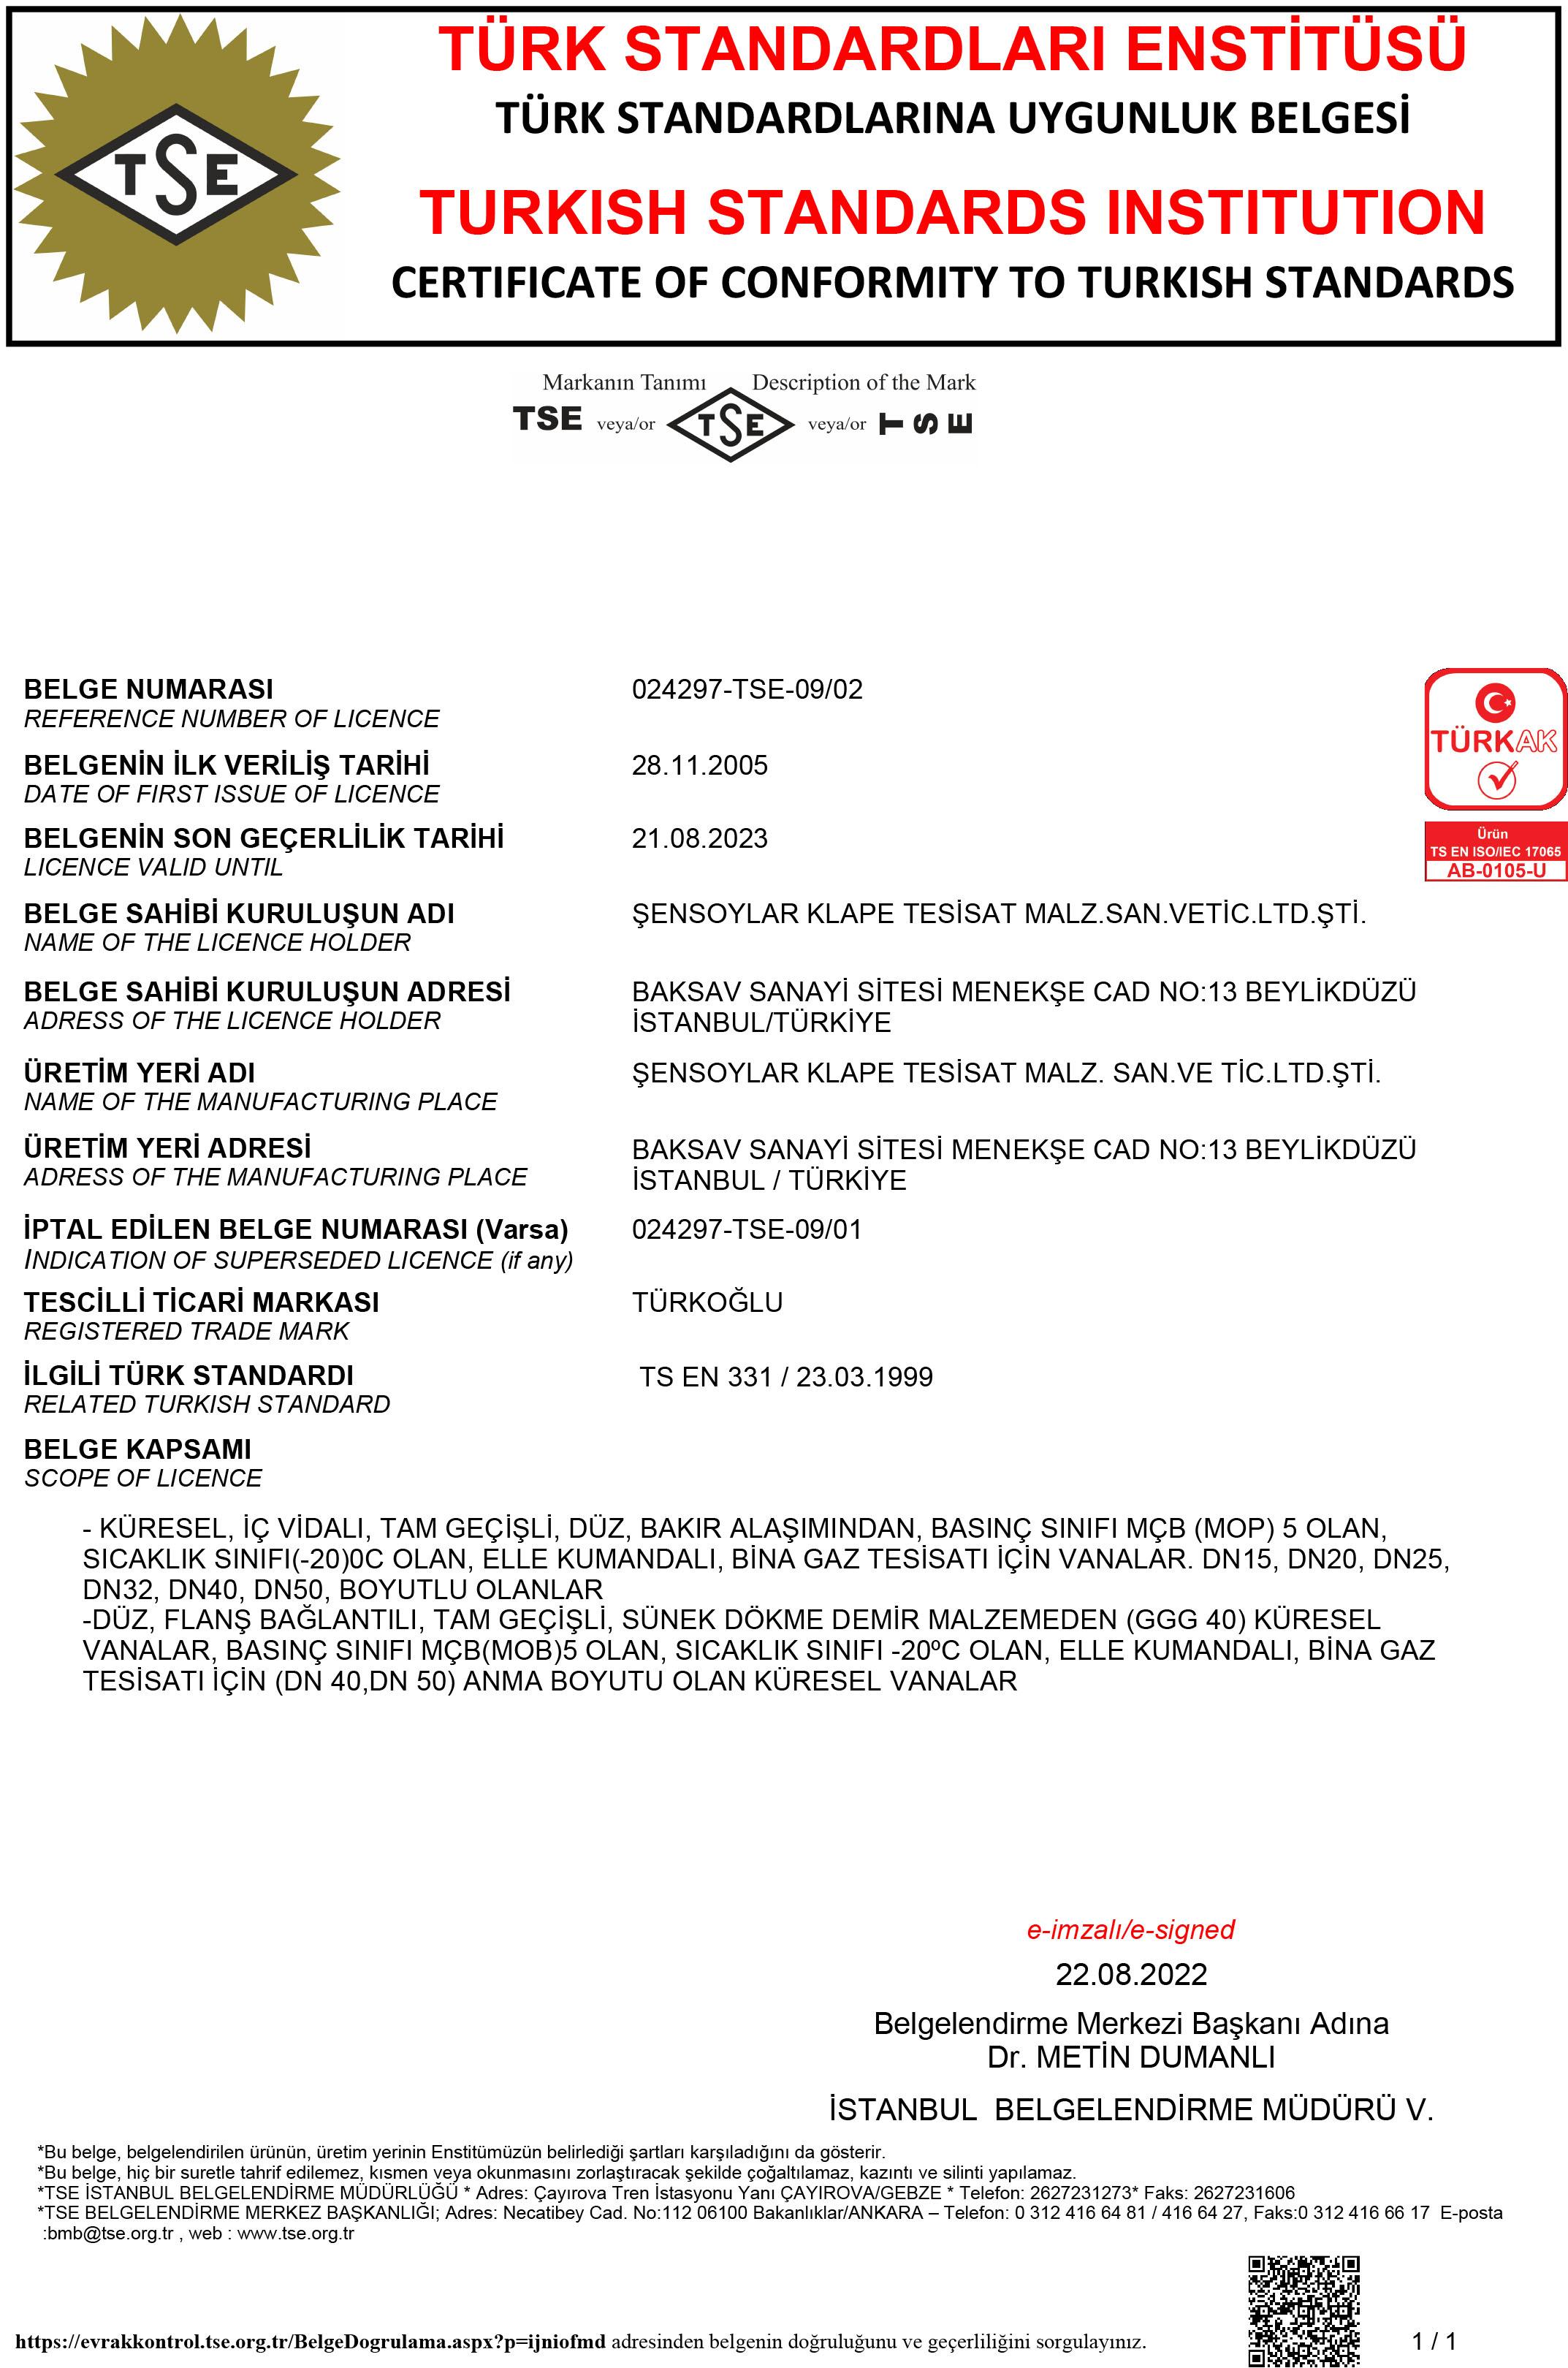 TS EN 331